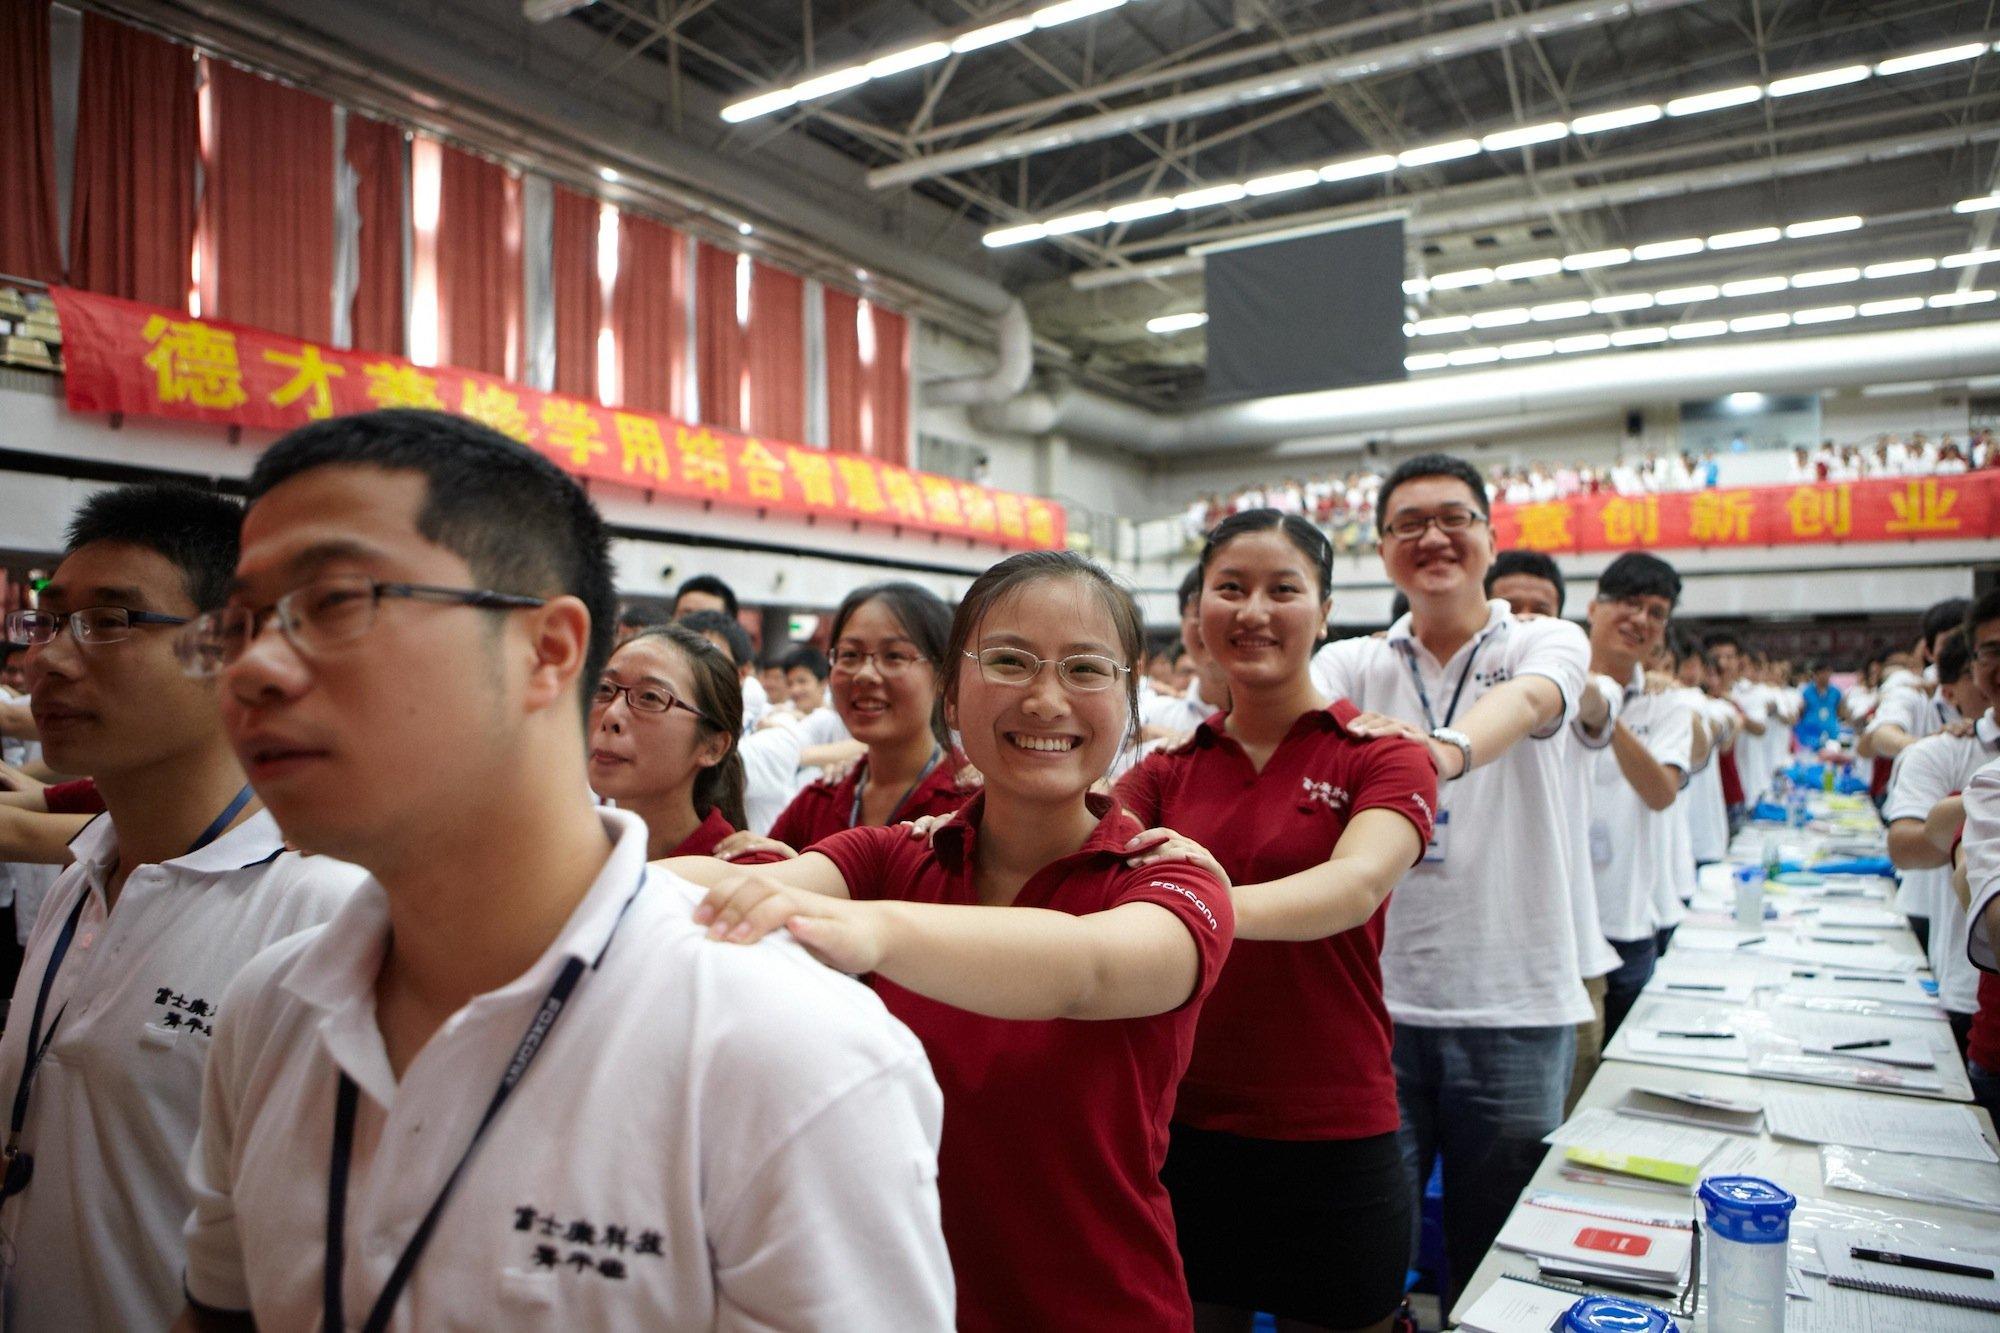 Weiterbildung von Foxconn-Mitarbeitern: Allein 1,2 Millionen Beschäftigte produzieren bei Foxconn das neue iPhone 6.